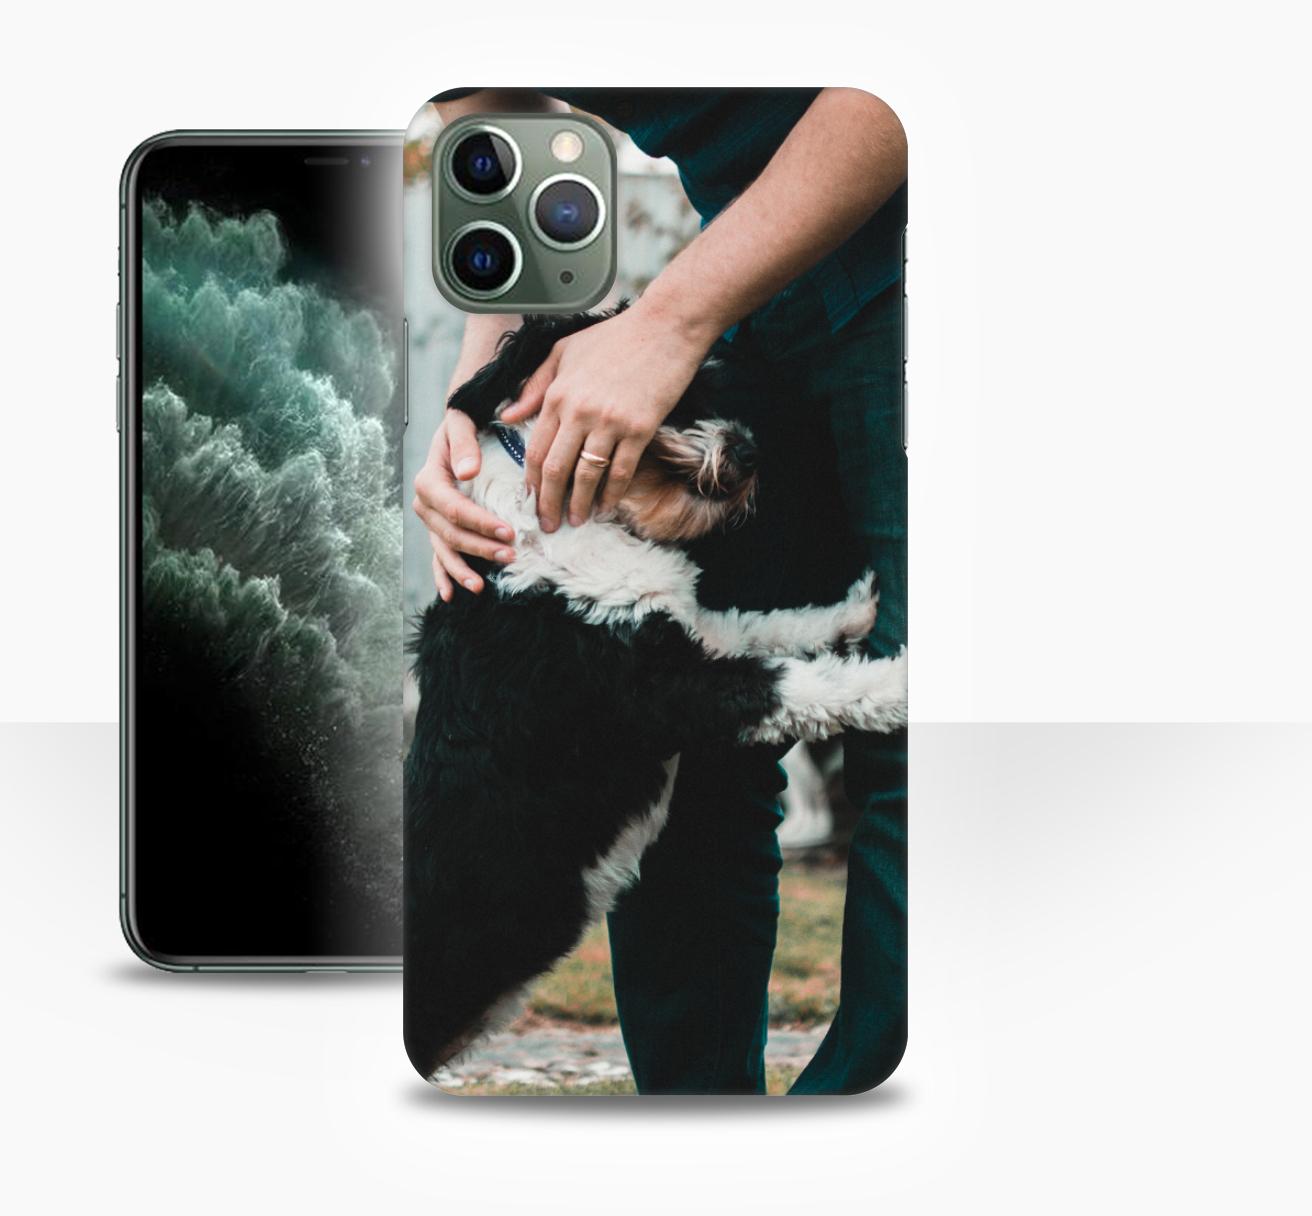 Kryt s vlastní grafikou na iPhone 11 Pro Max - MyCase